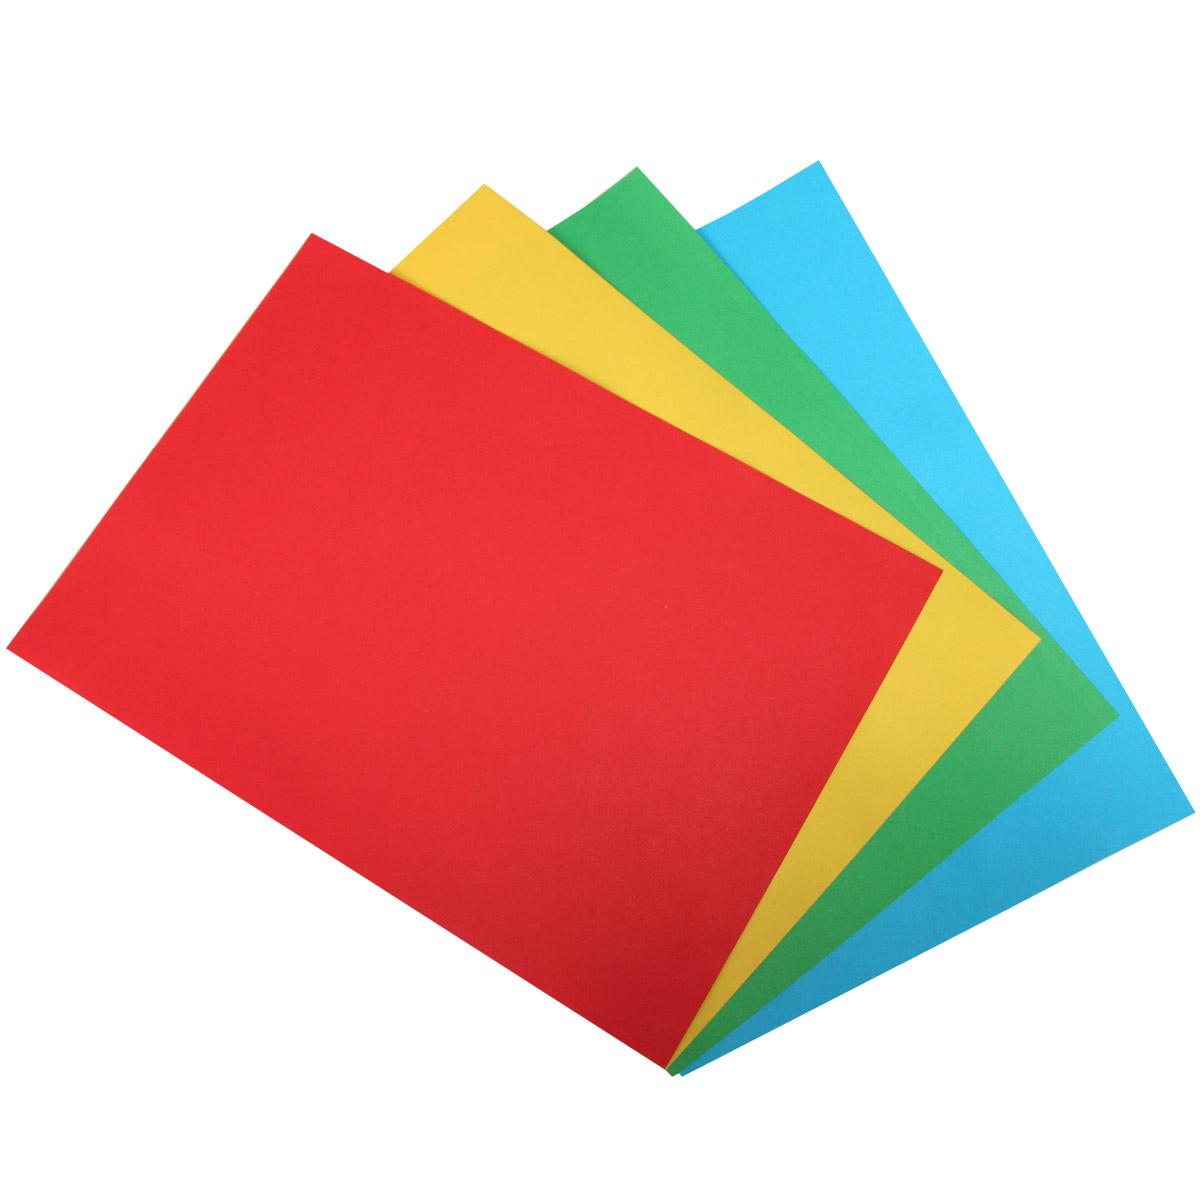 Samoprzylepny Papier Kolorowy Do Wszystkich Rodzajów Drukarek Czerwony Marka Rf Gramatura 80 G M Wymiar A4 Kolor Czerwony Rodzaj Matowy Ilość Arkuszy 100